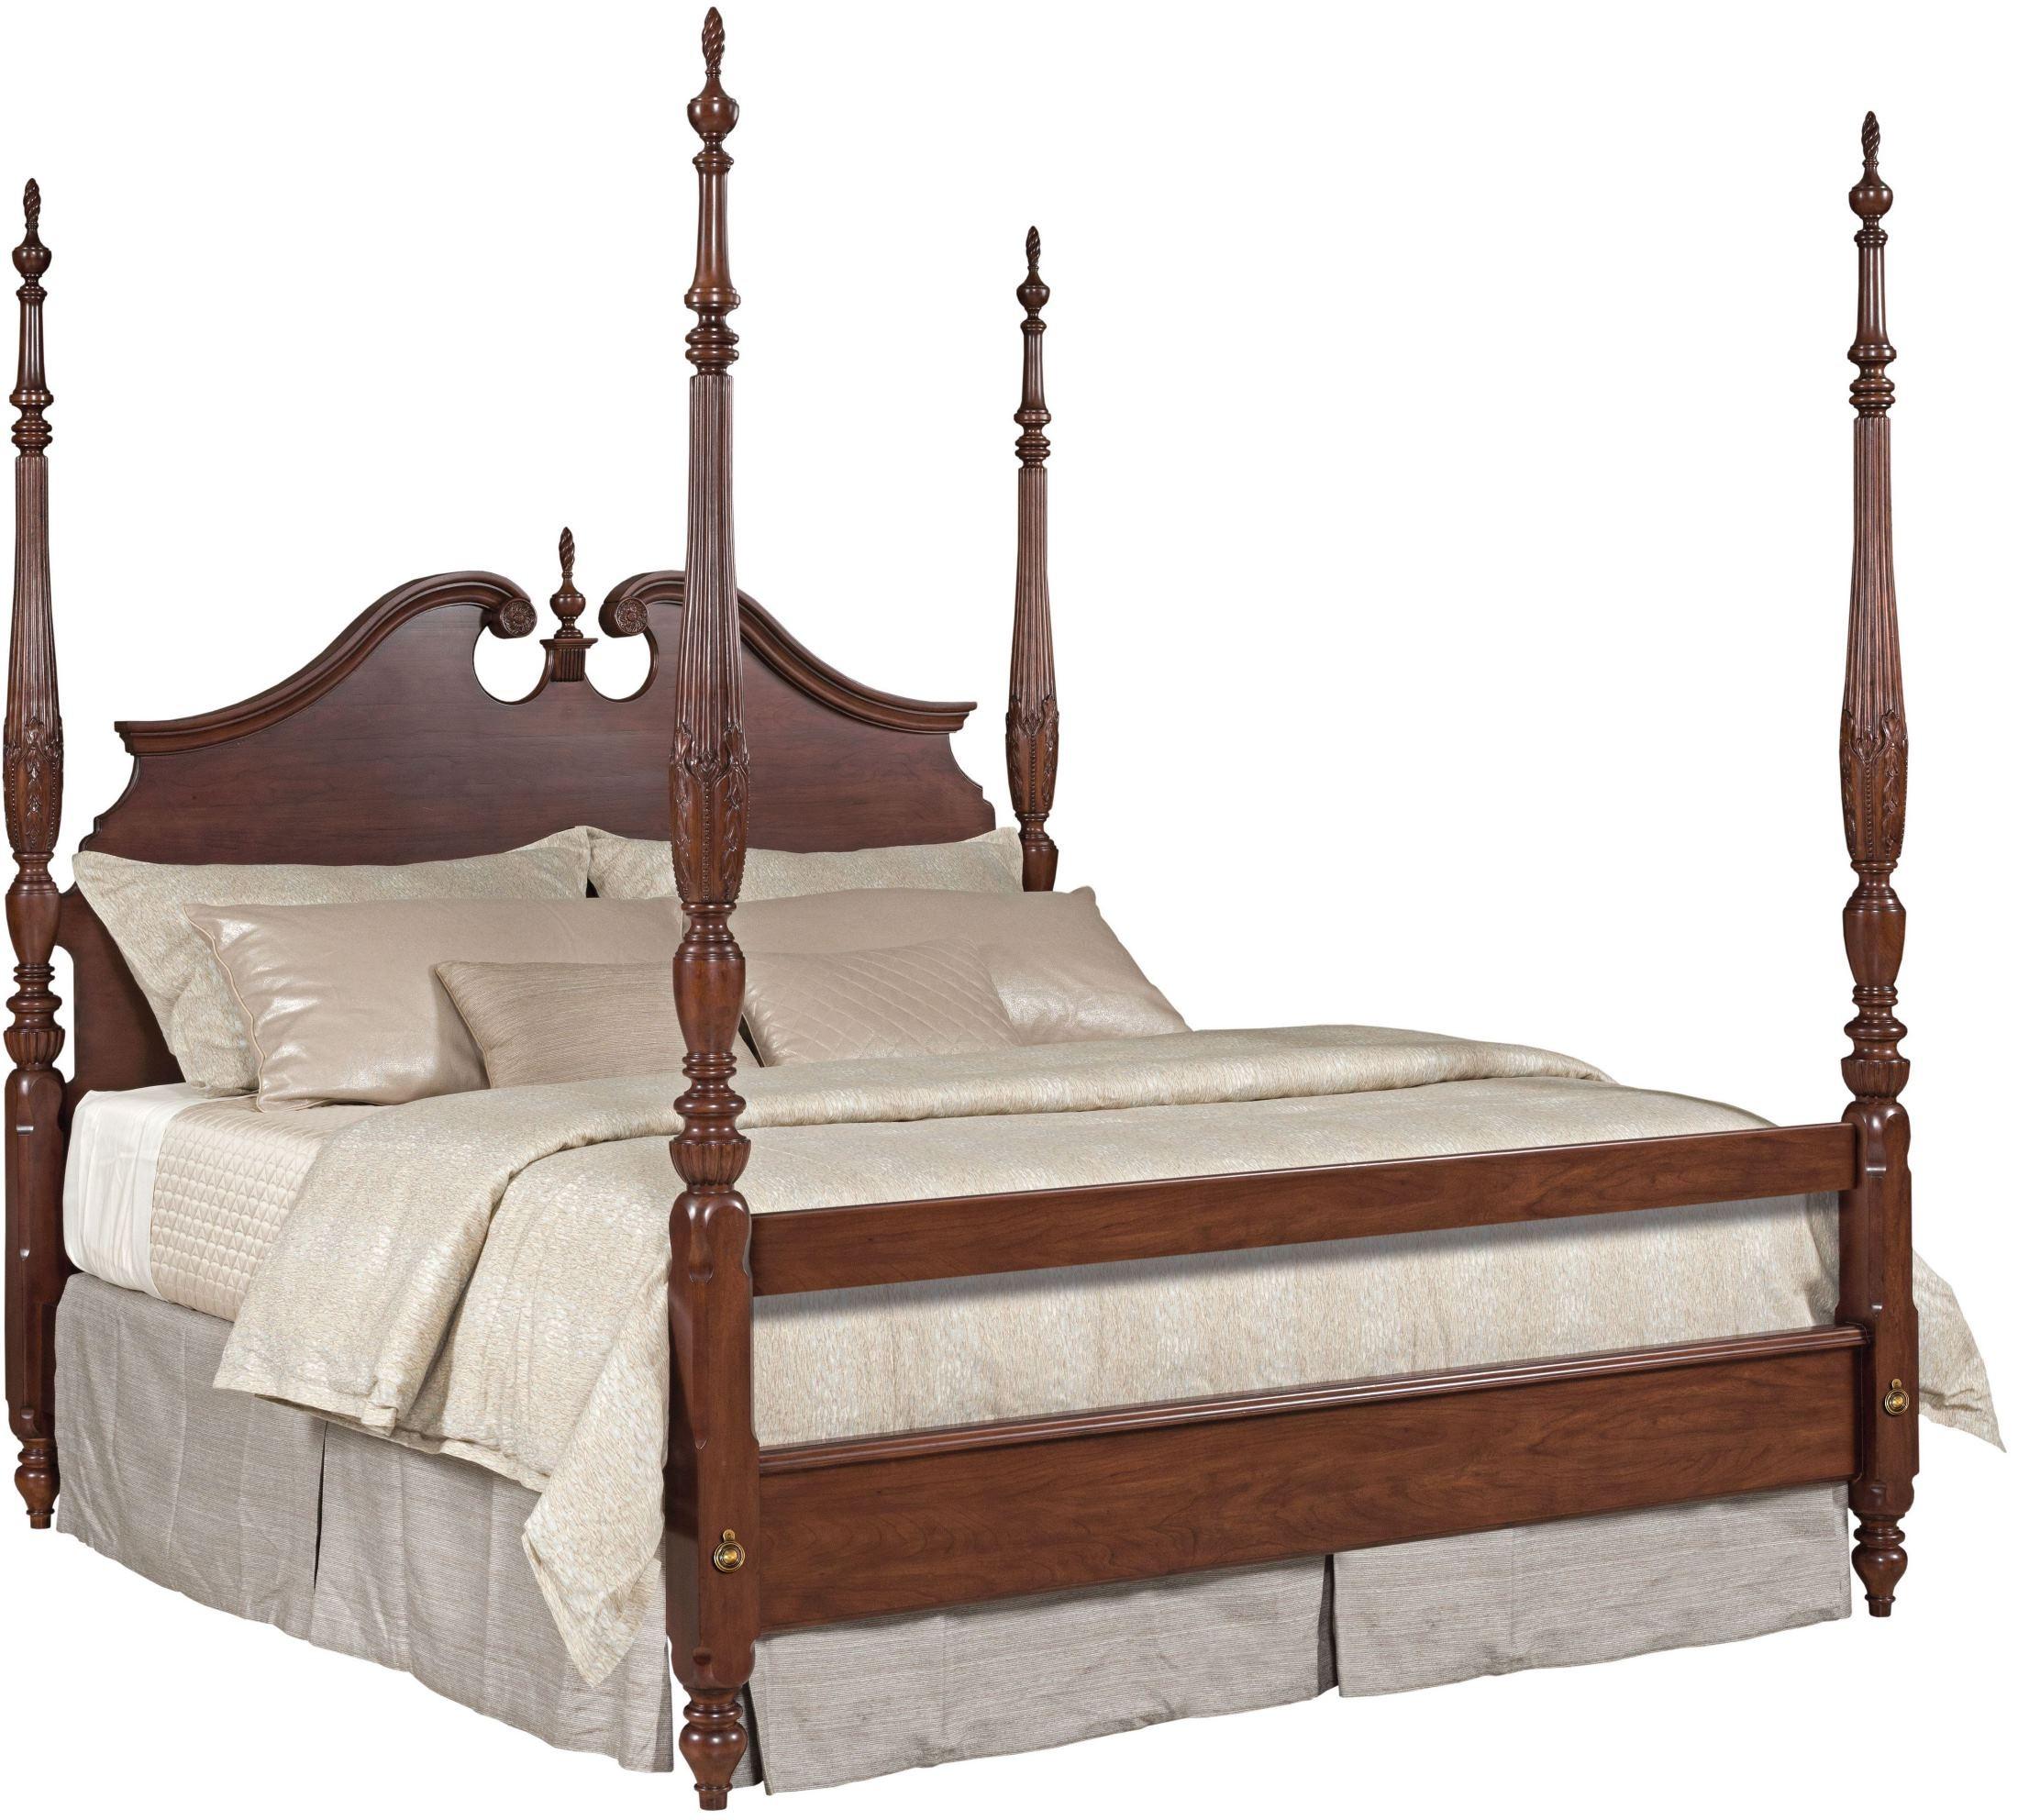 King Bed Frame Setup